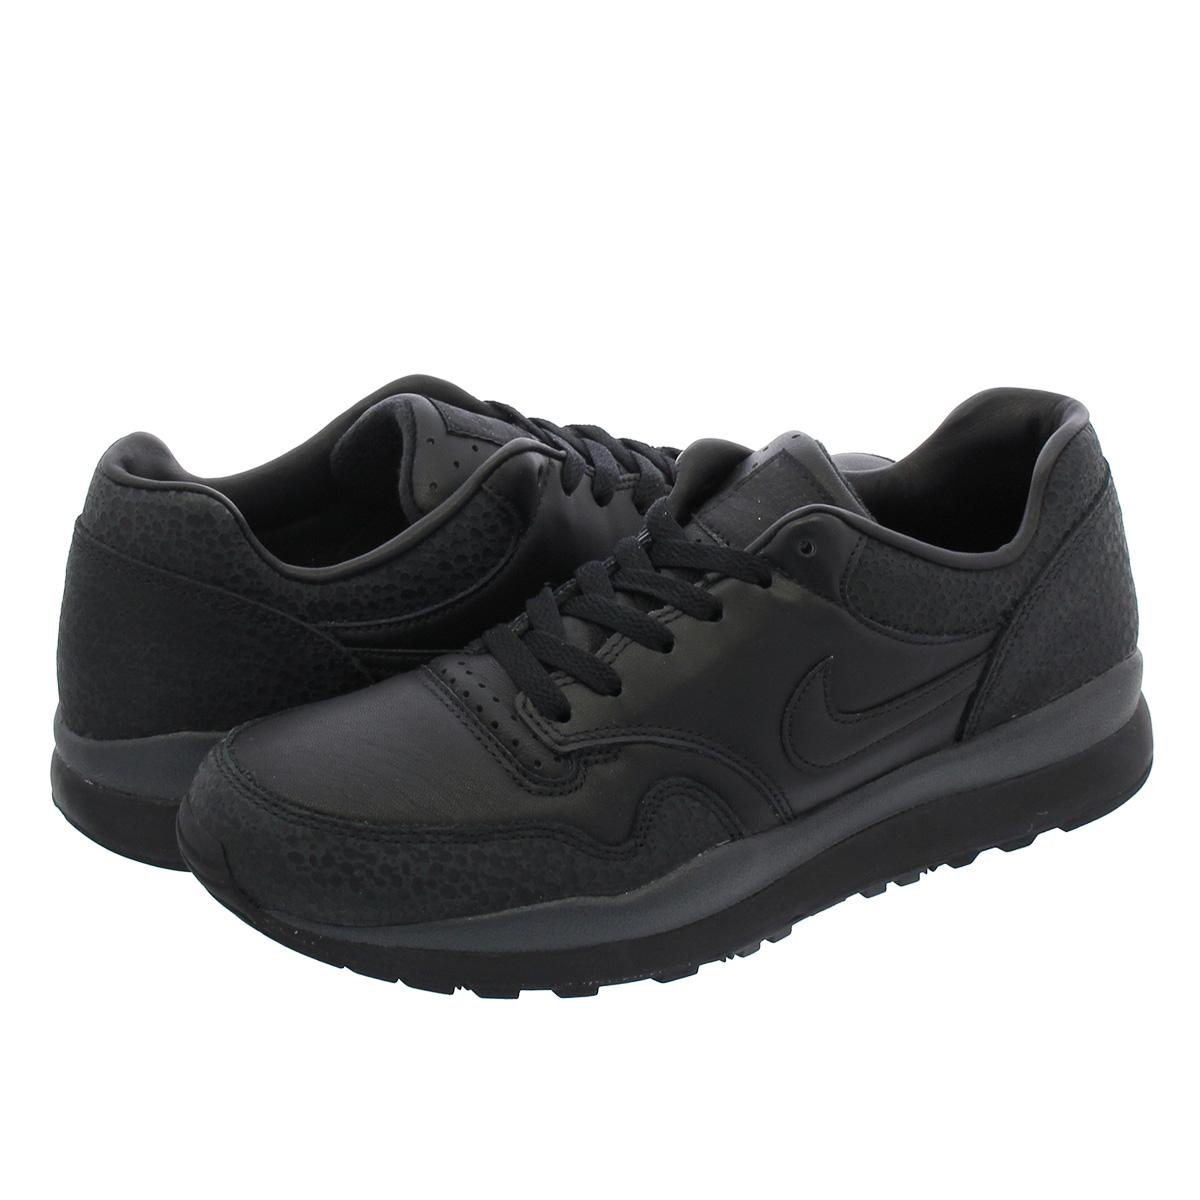 【お買い物マラソンSALE】 NIKE AIR SAFARI QS ナイキ エア サファリ QS BLACK/BLACK/ANTHRACITE ao3295-002